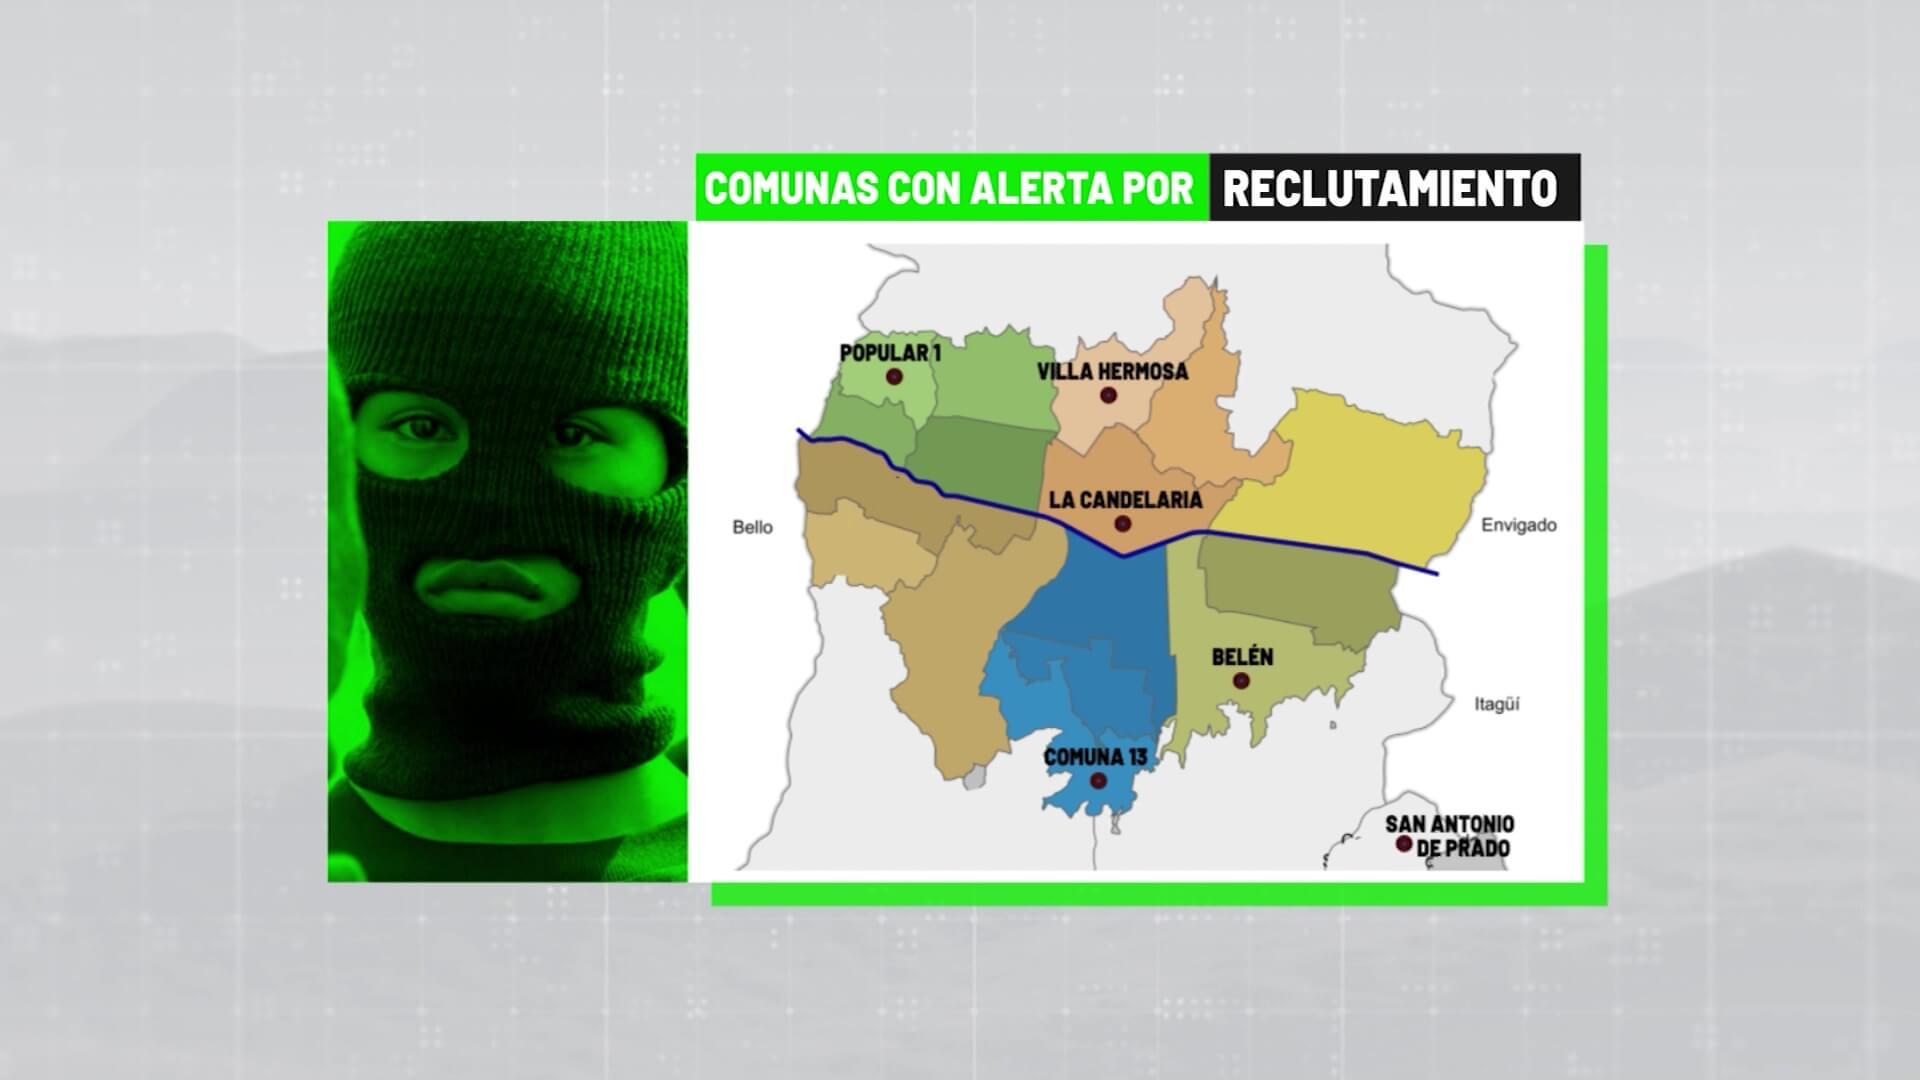 Reclutamiento de menores en seis comunas